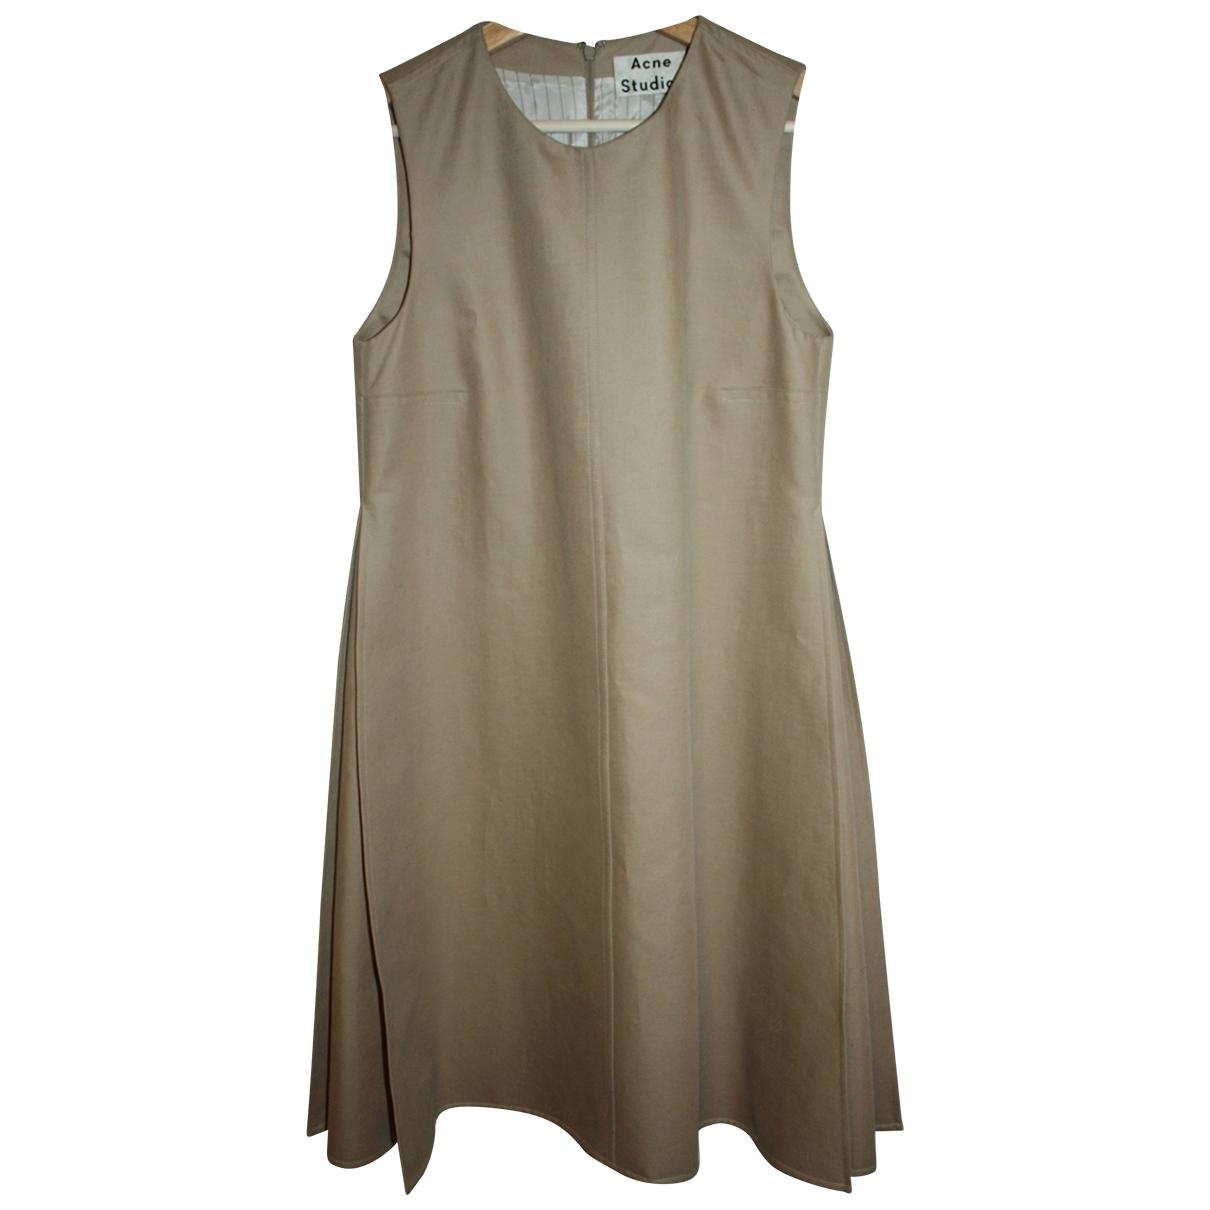 Acne Studios \N Kleid in  Beige Baumwolle